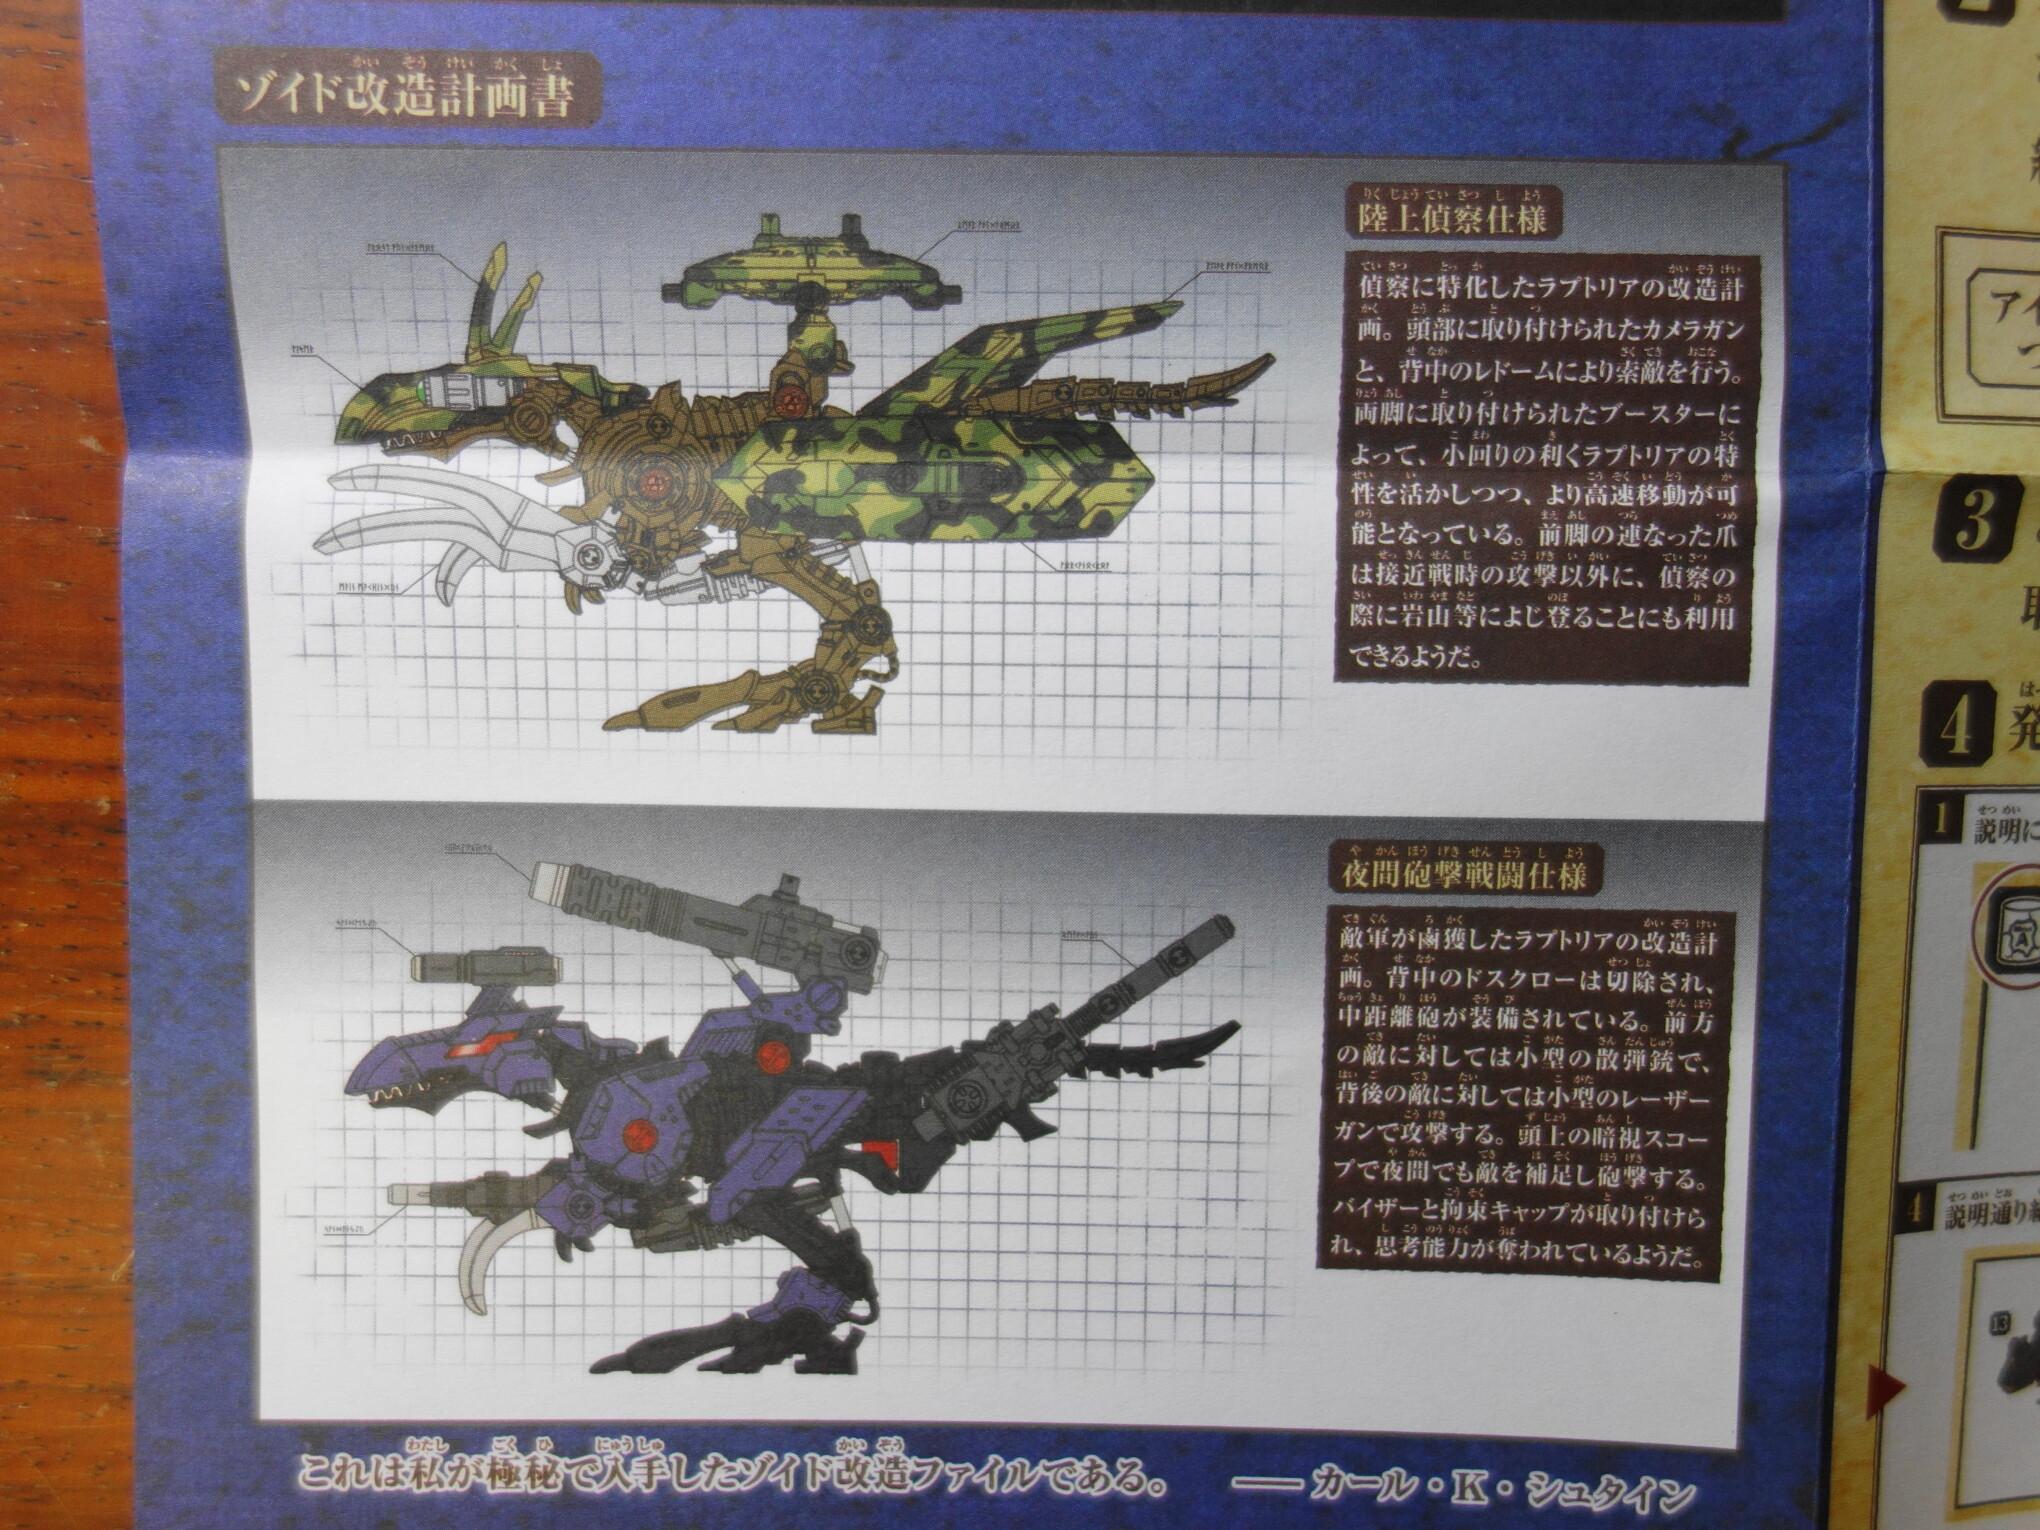 ラプトリアの武装パターン例